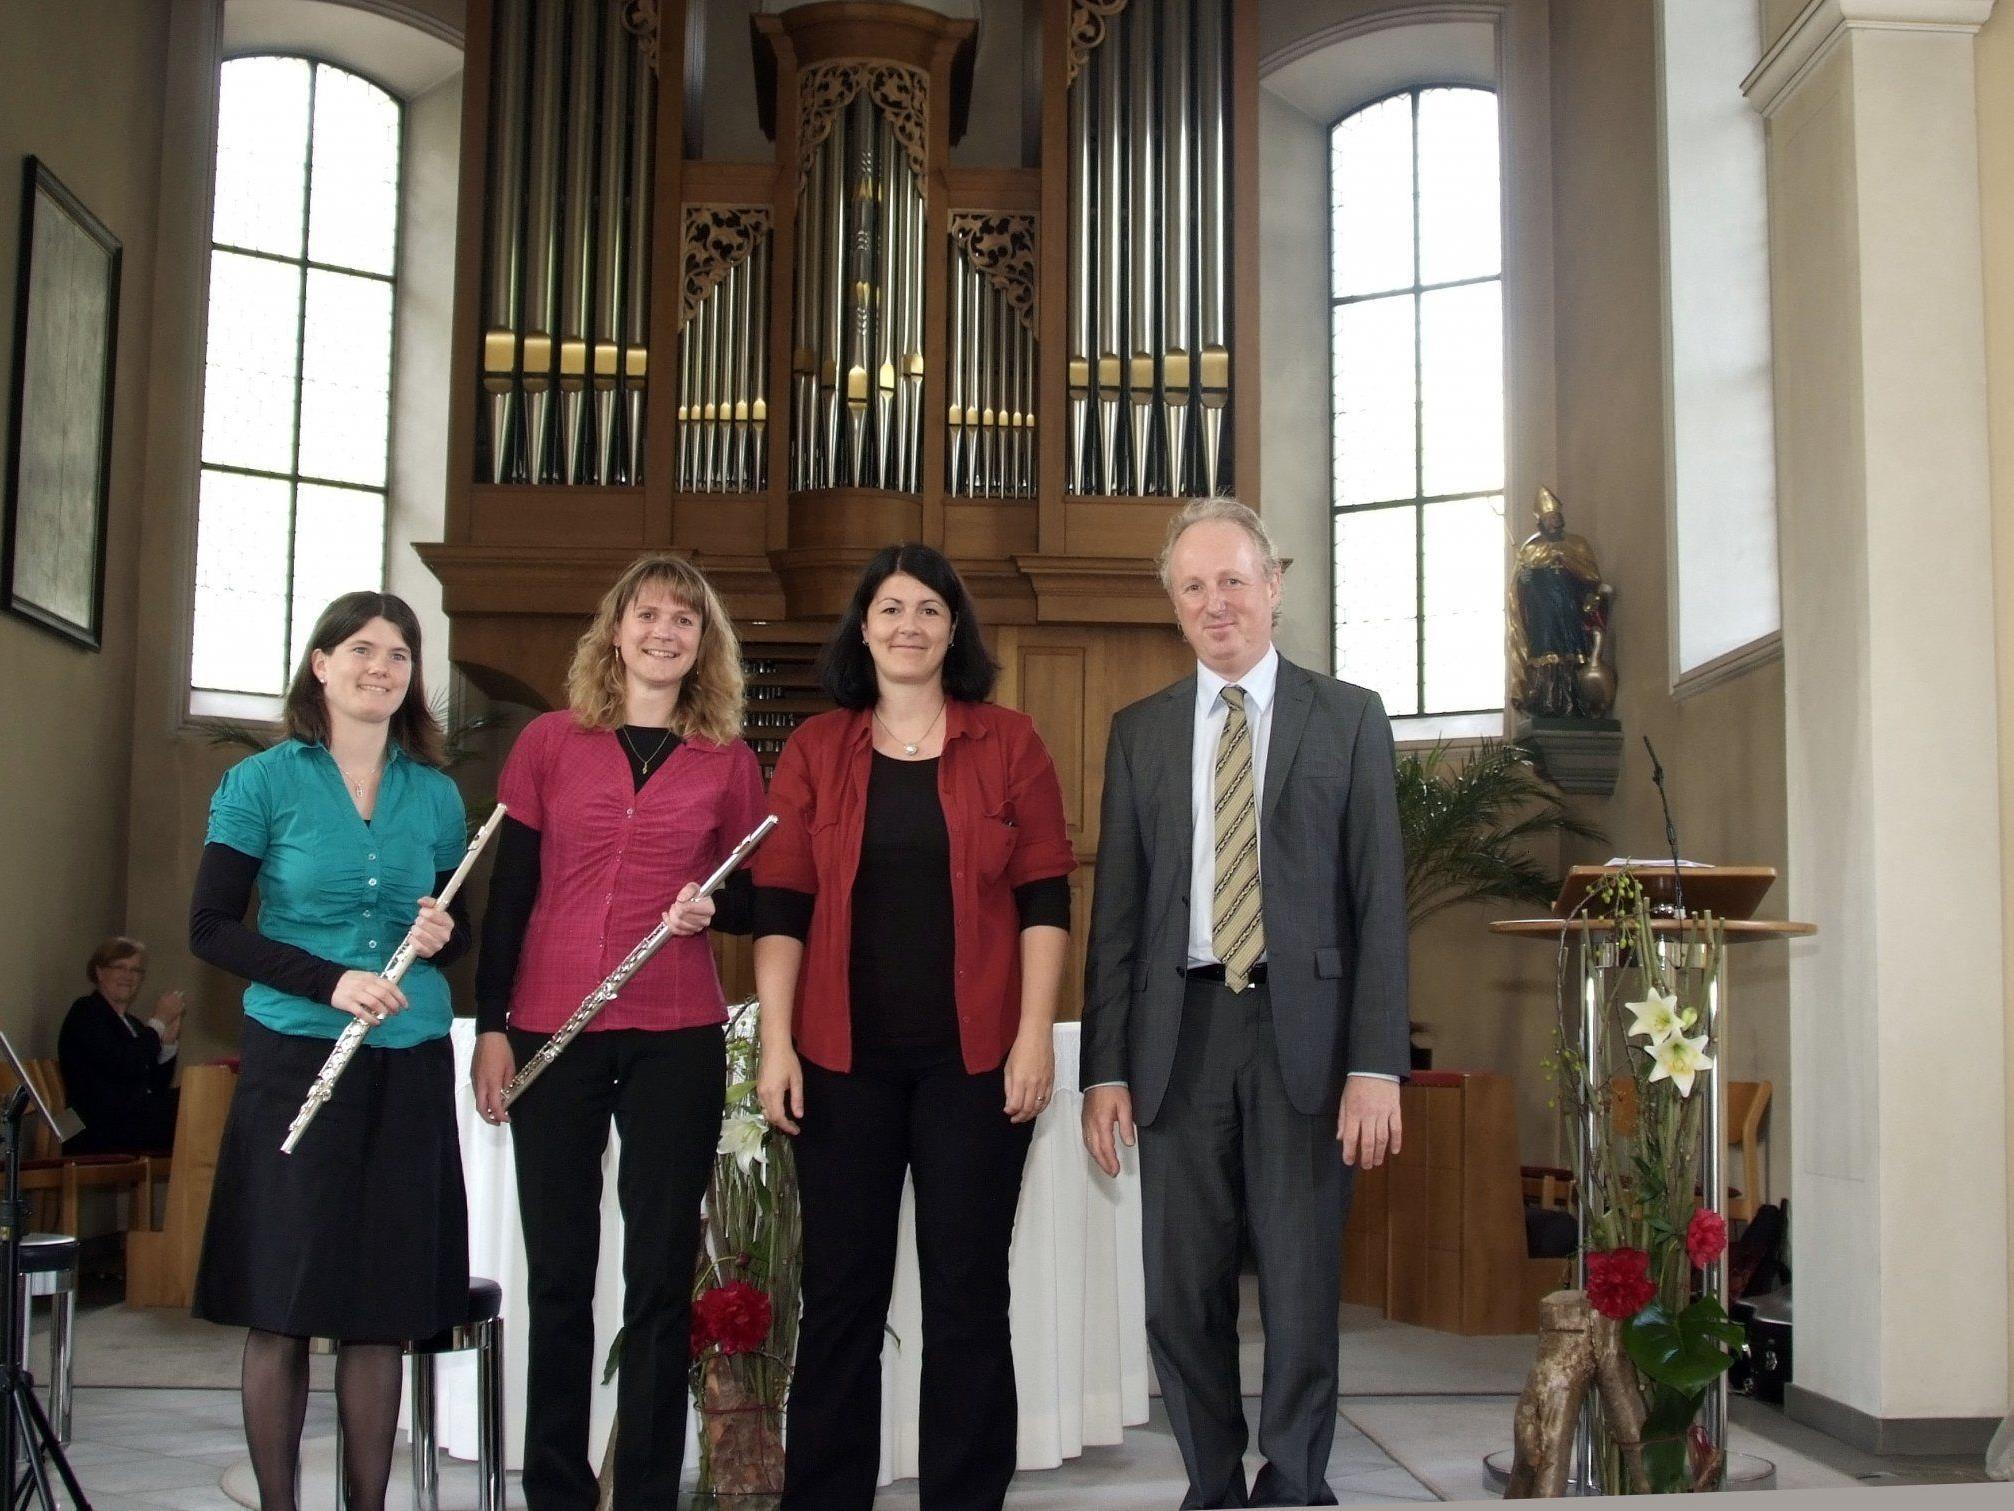 Bernhard Loss beeindruckte mit seinem virtuosen Spiel. Das Damen-Trio überraschte ebenfalls.